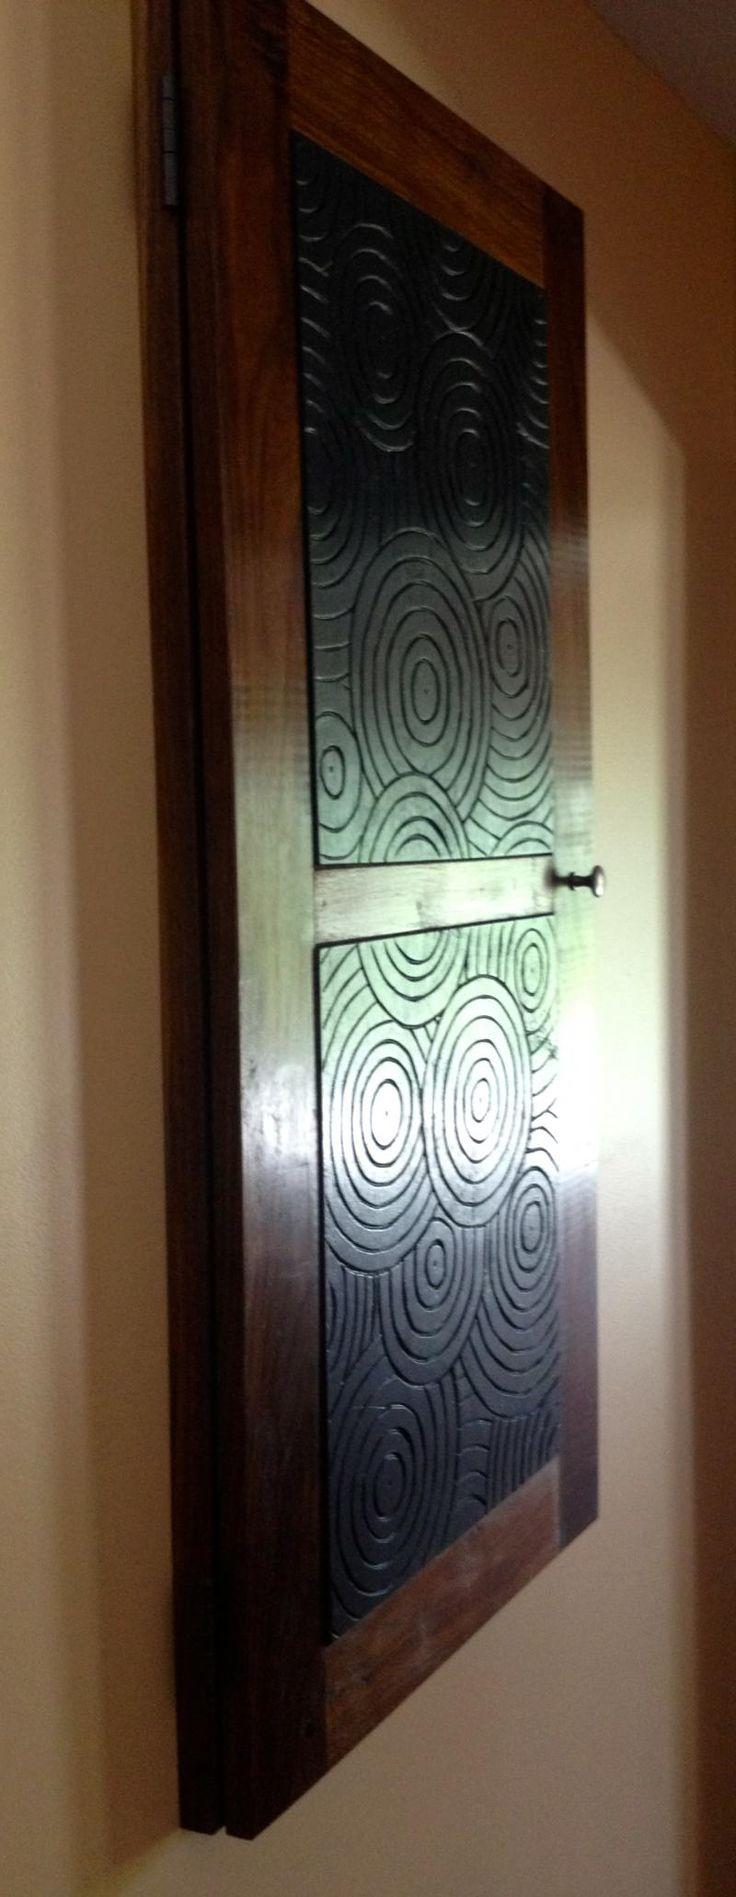 medium resolution of andrew gore woodworks custom work cover for breaker box